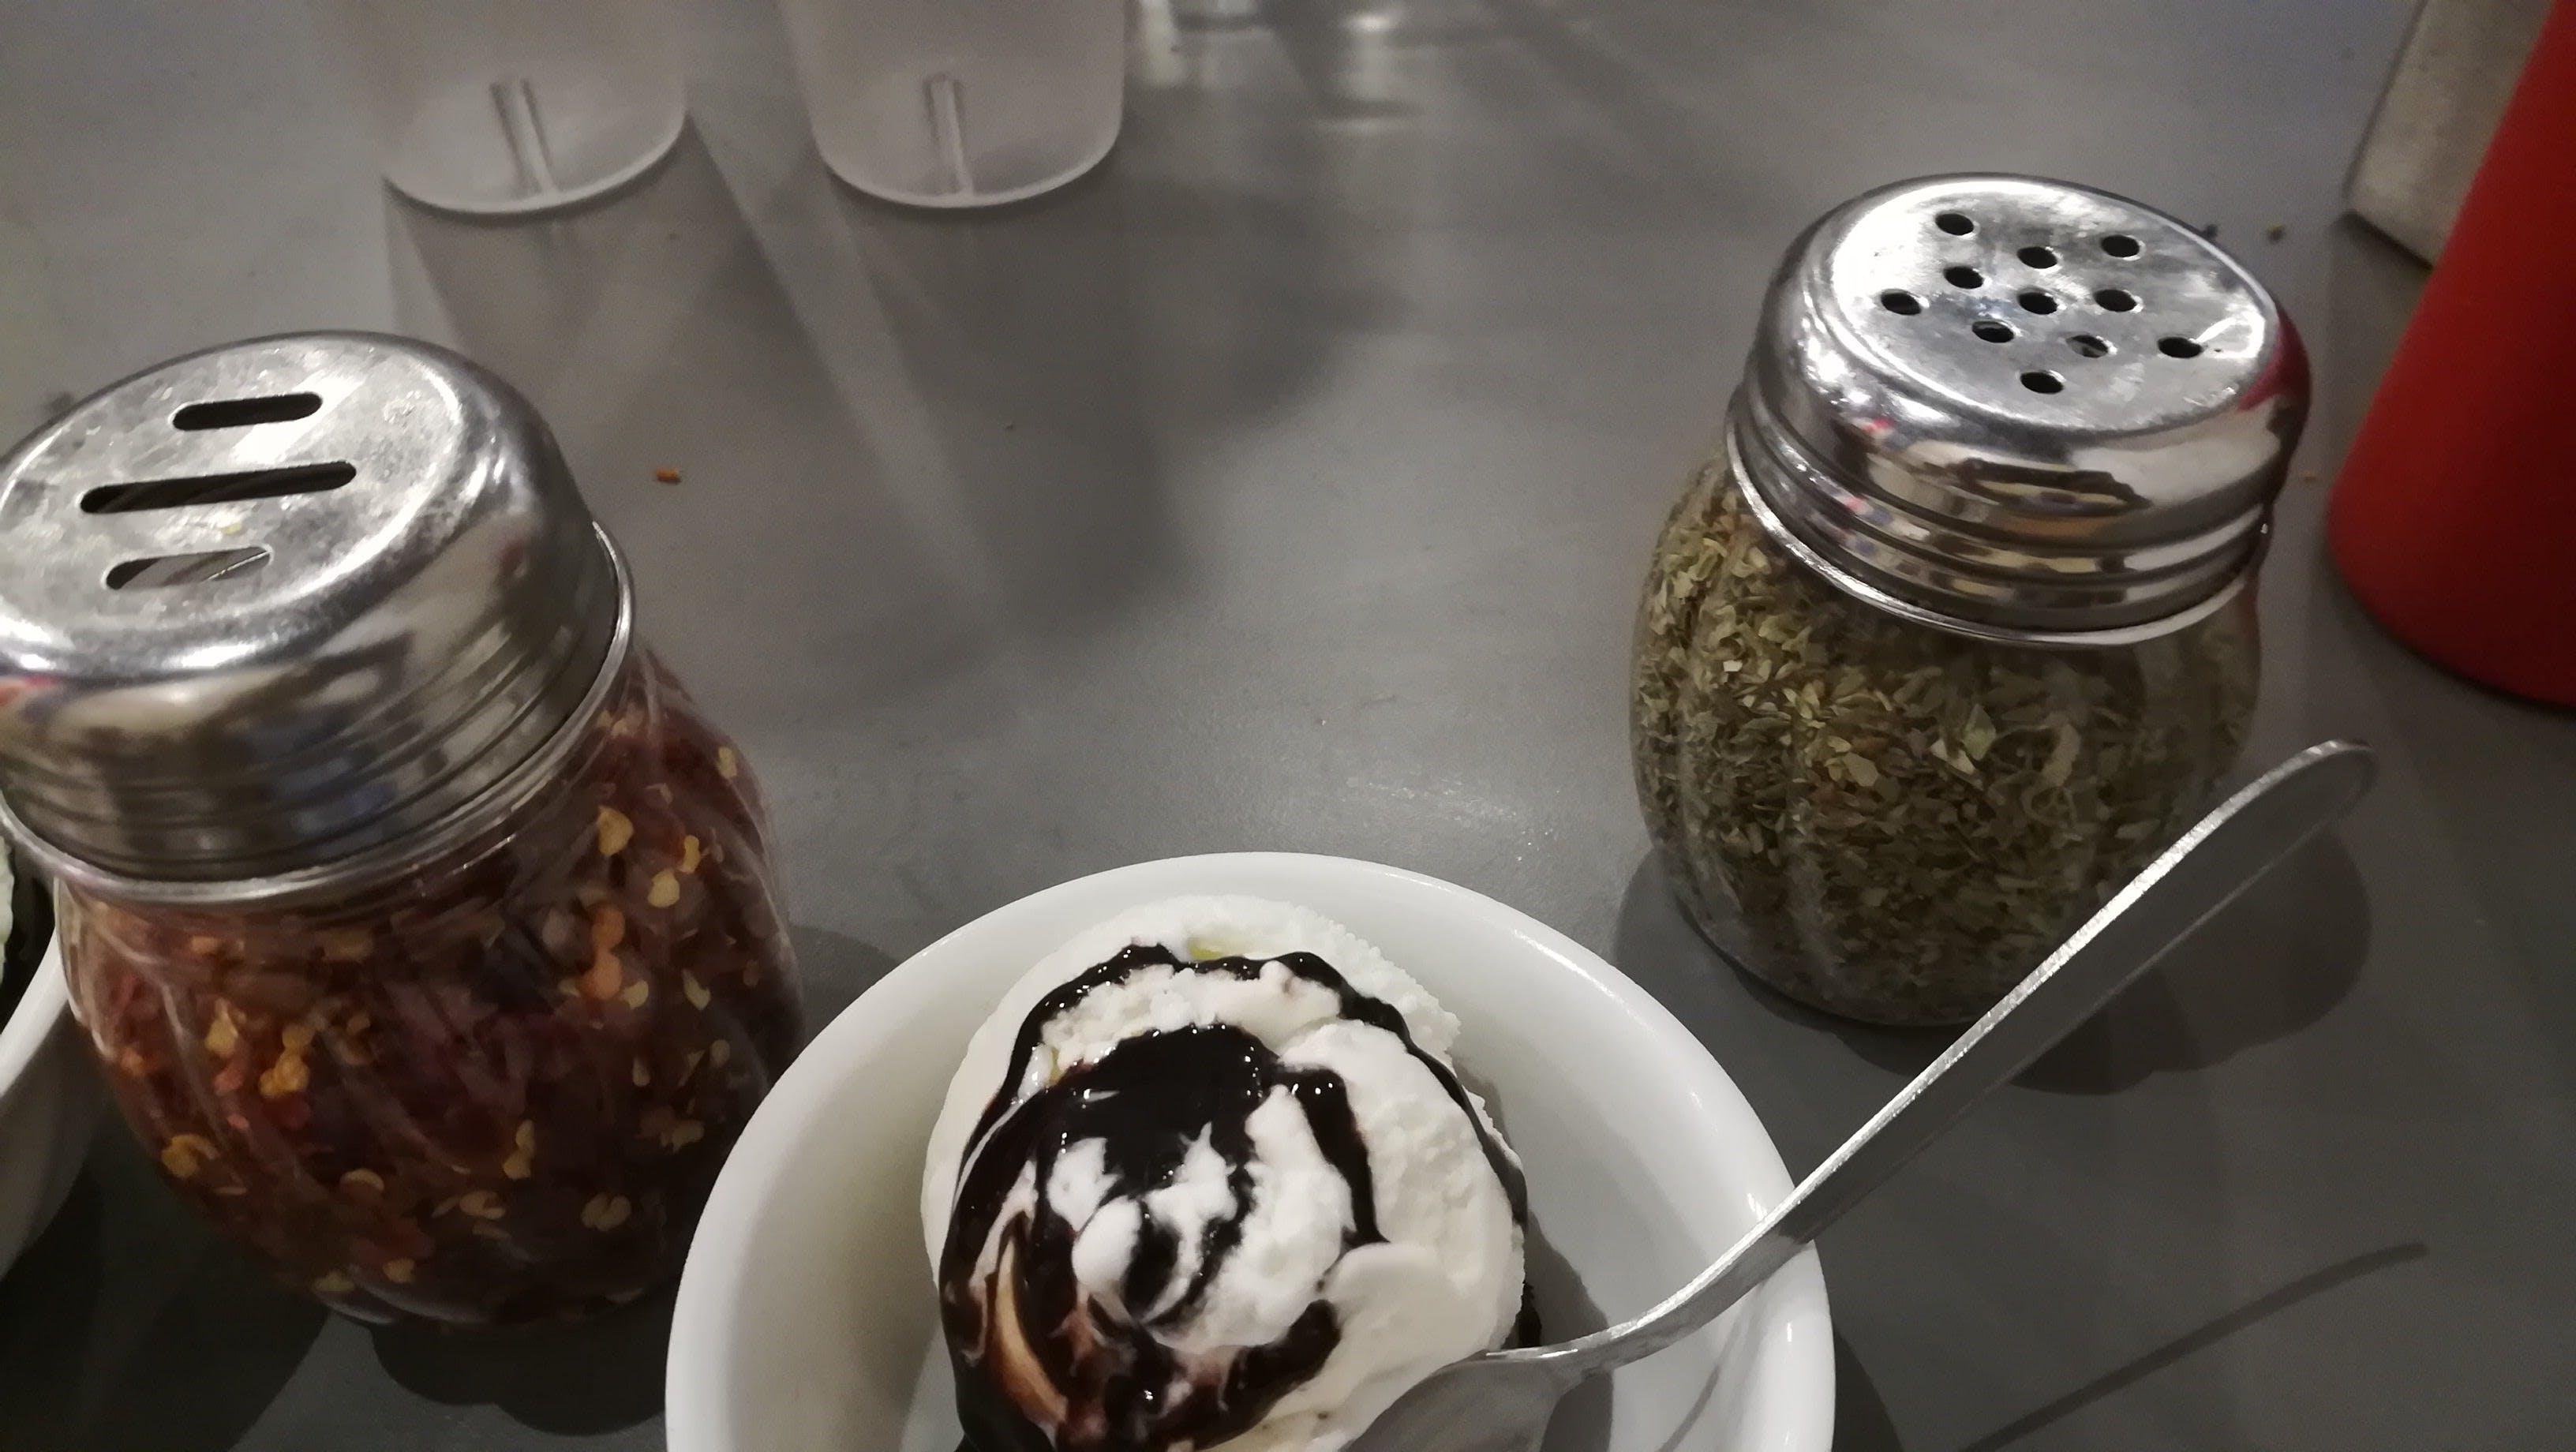 Free stock photo of food, icecream